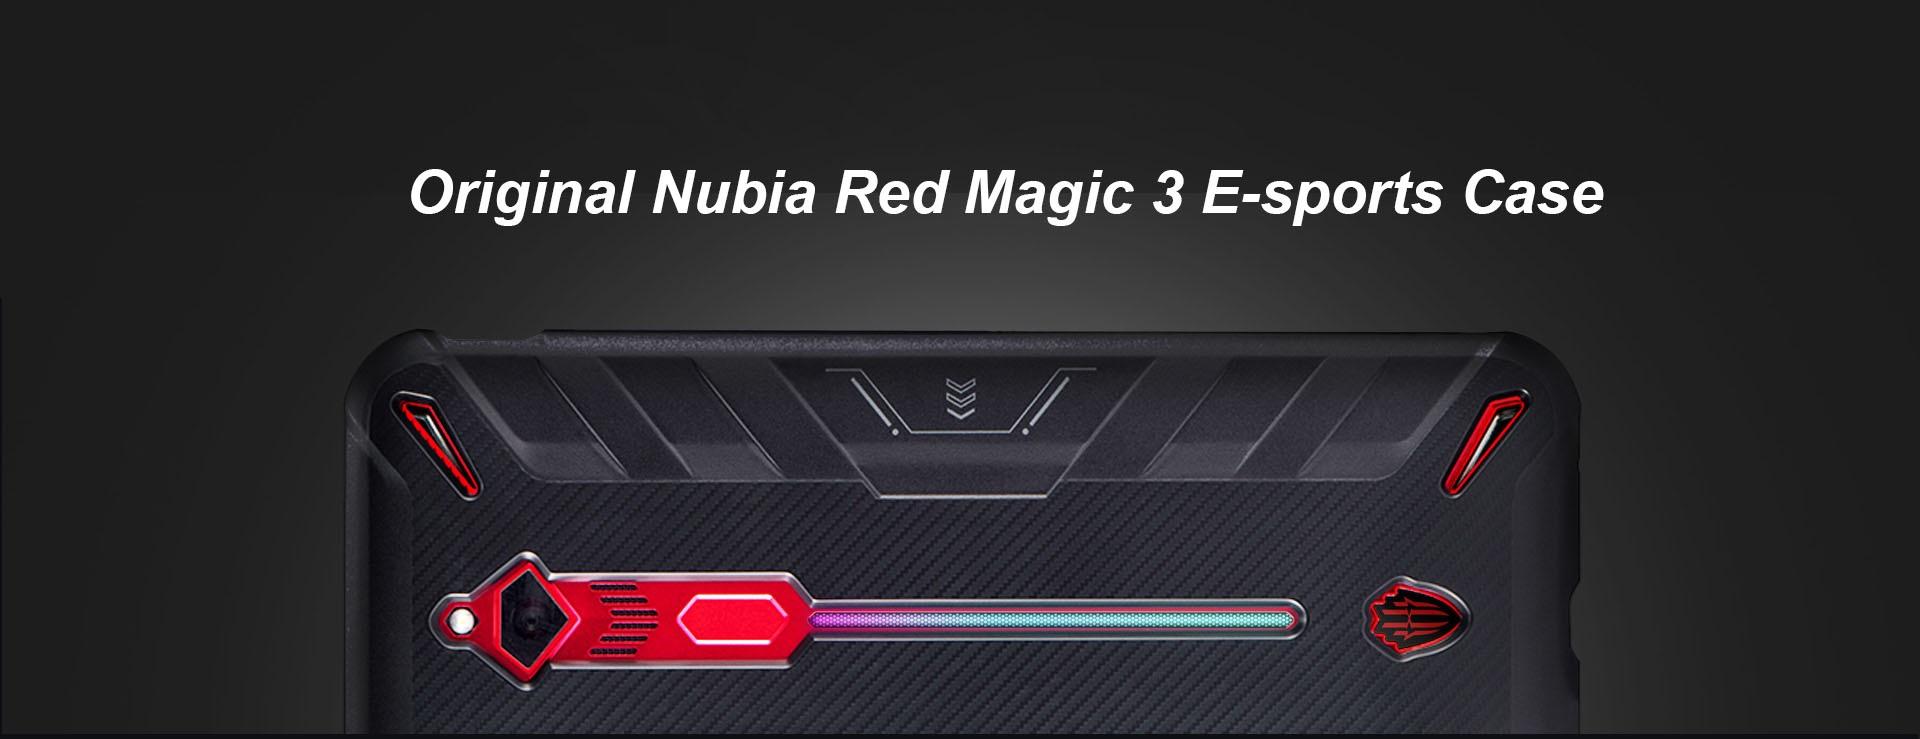 Red Magic 3